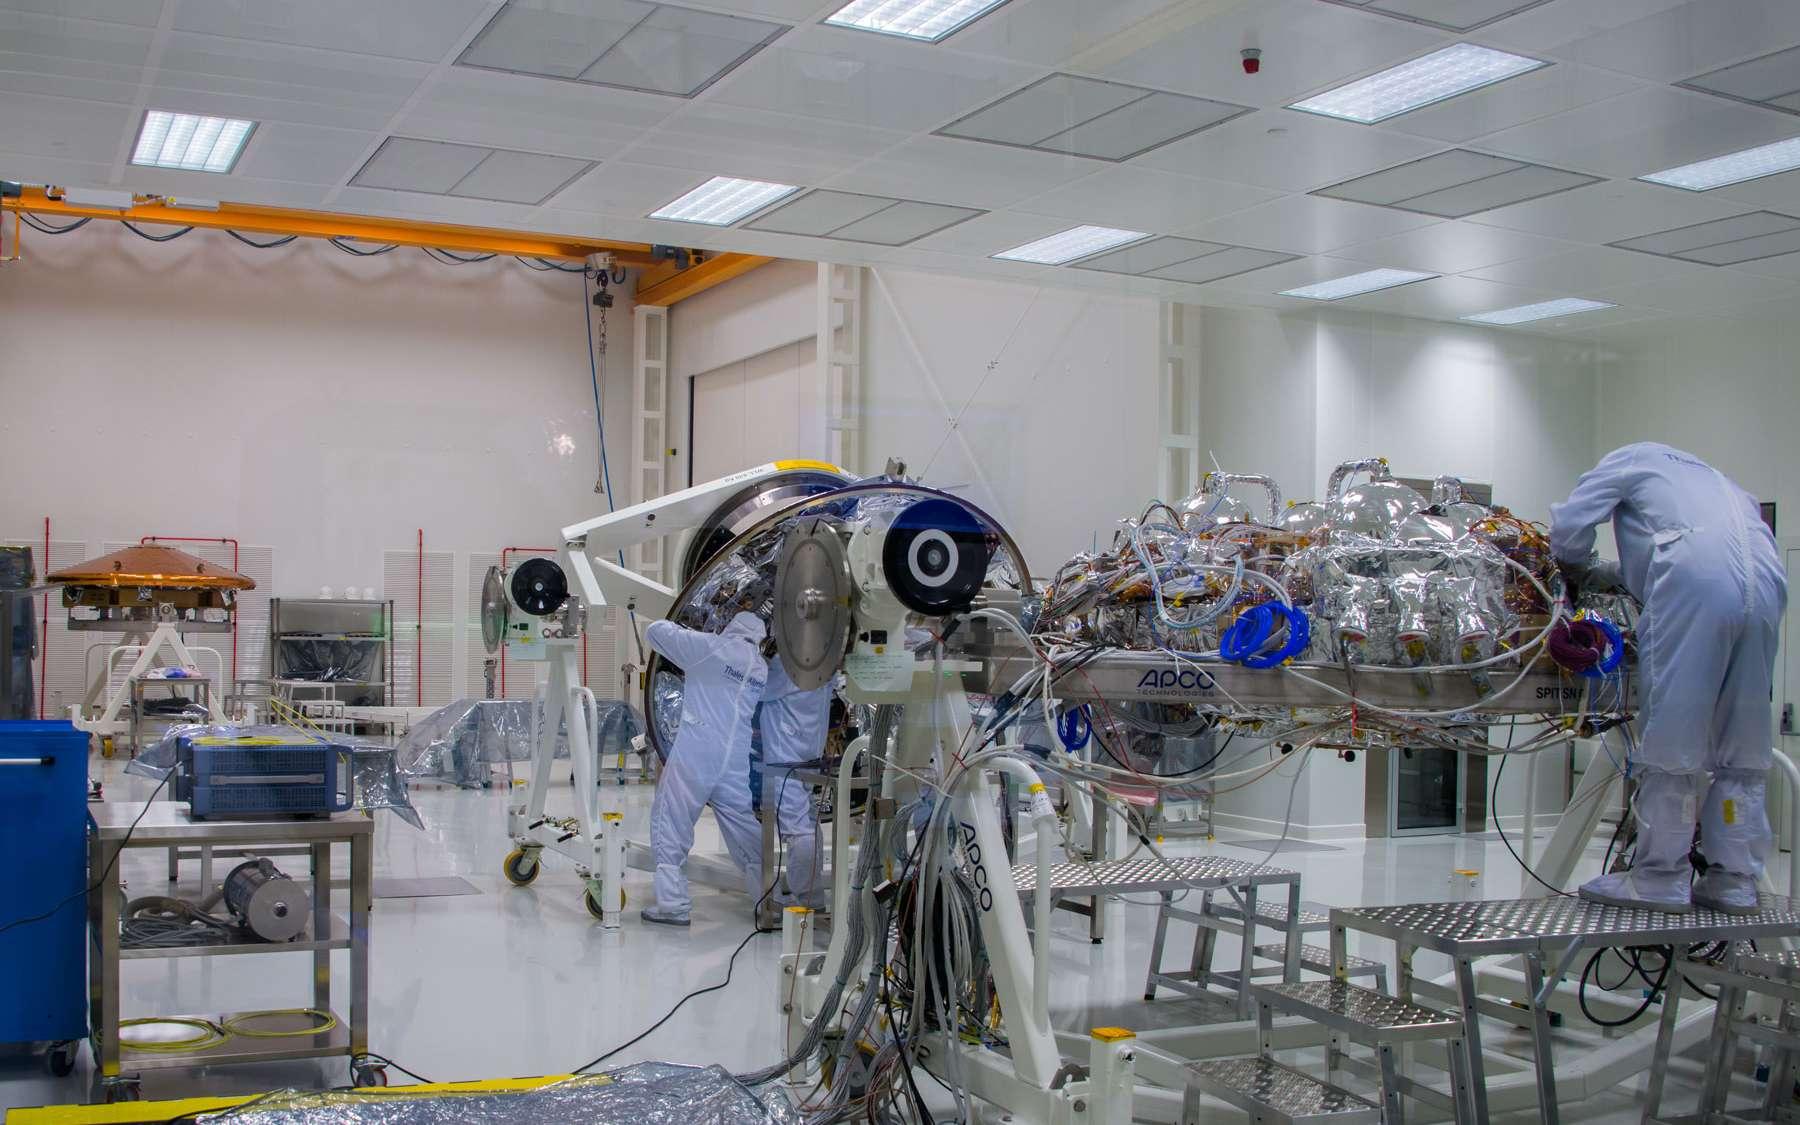 Dans l'usine turinoise de Thales Alenia Space, en Italie, on s'affaire autour des trois éléments de la capsule Schiaparelli (EDM) qui se posera sur Mars mercredi 19 octobre. Au premier plan, la plateforme qui supporte les instruments et, derrière, les deux parties du bouclier qui la protégeront pendant la traversée de l'atmosphère martienne. © Rémy Decourt